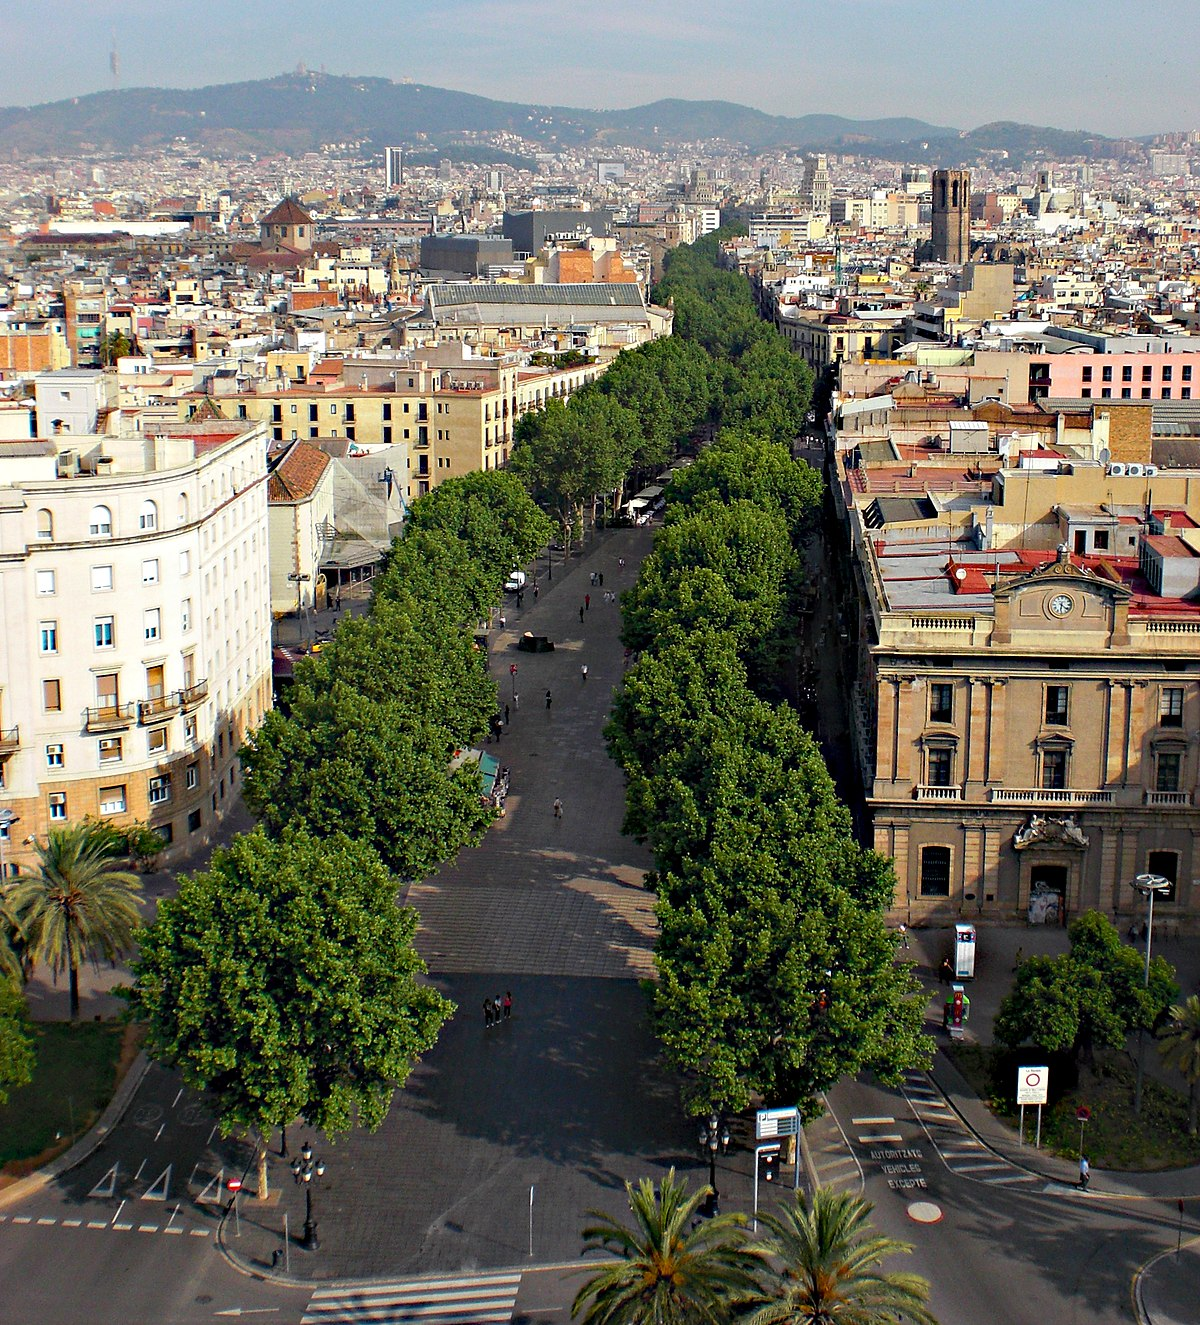 La Rambla, Barcelona - Wikipedia